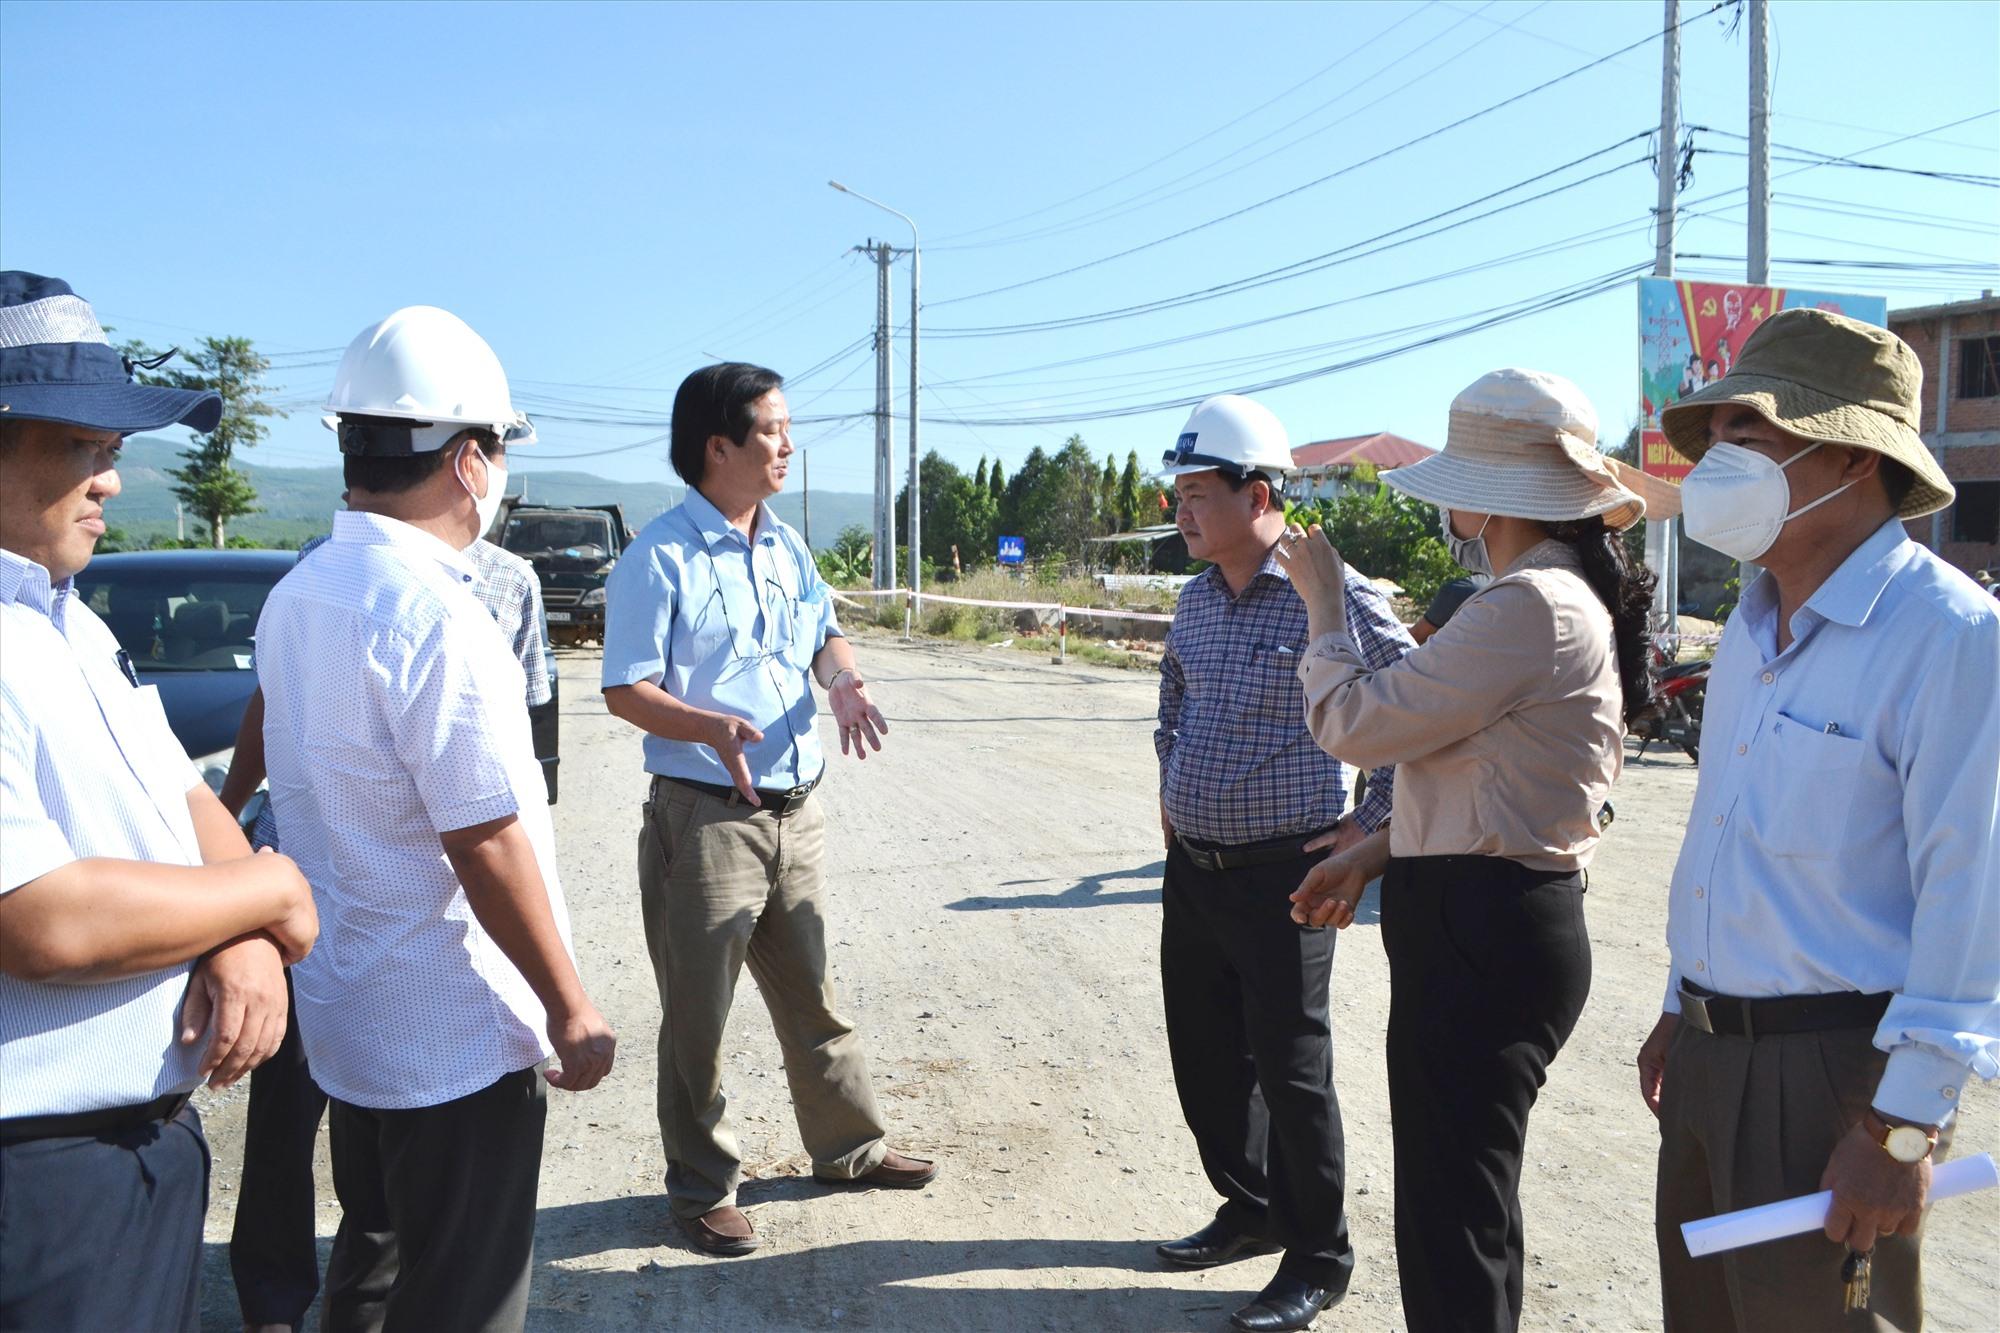 Phó Chủ tịch Nguyễn Hồng Quang (mặc áo ca rô) kiểm tra thi công nút ngã tư Hòa Đông. Ảnh: CT